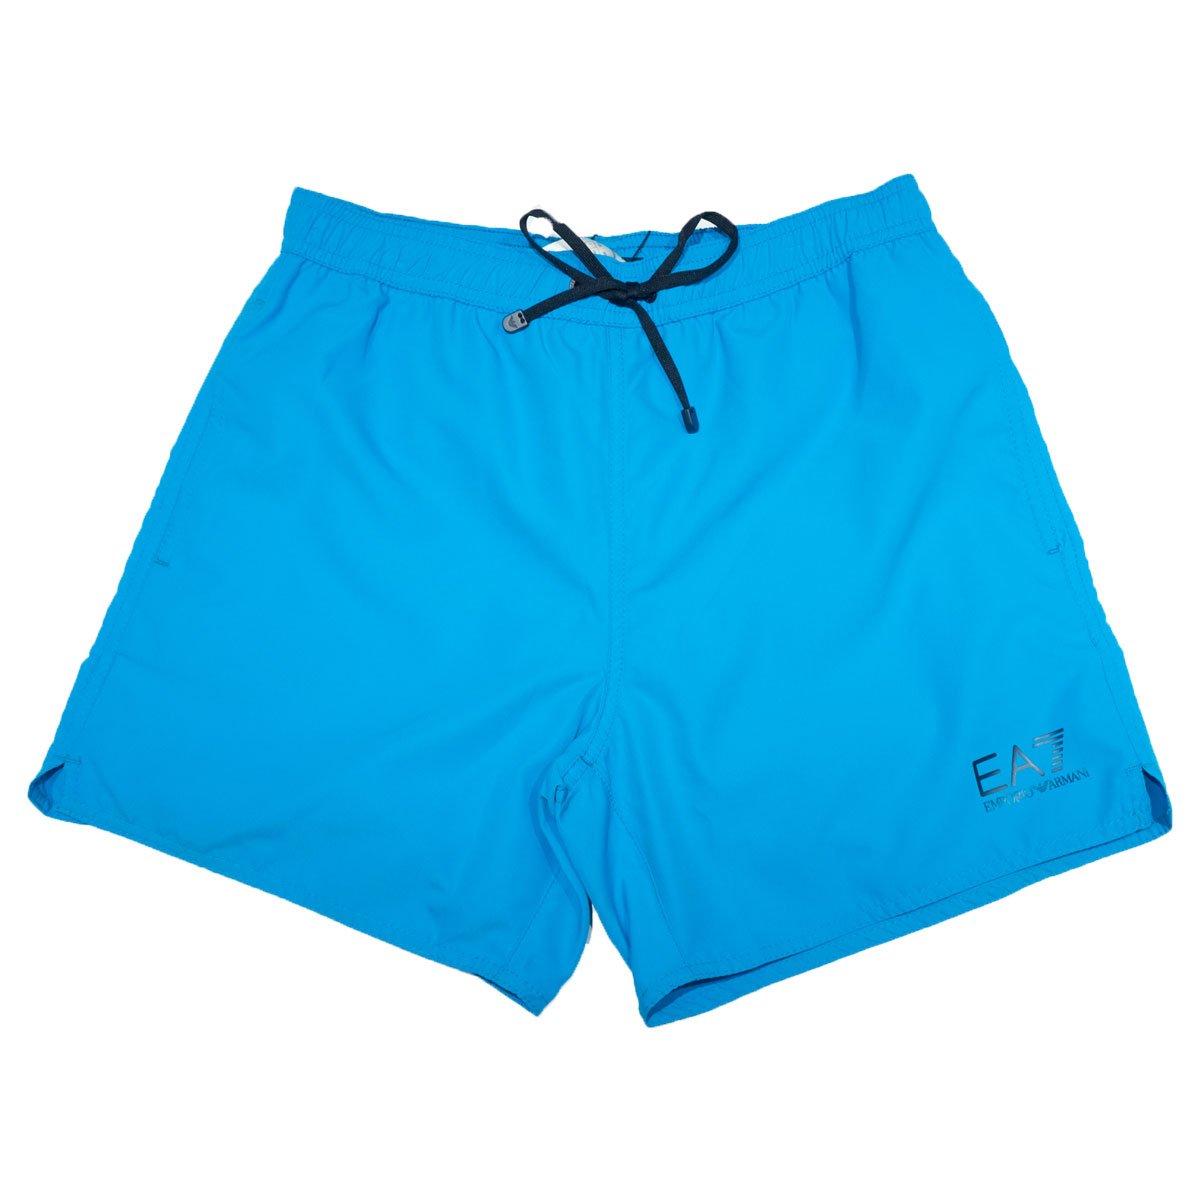 purchase cheap e545b 87484 Costume EA7 corto turchese - Emporio Armani